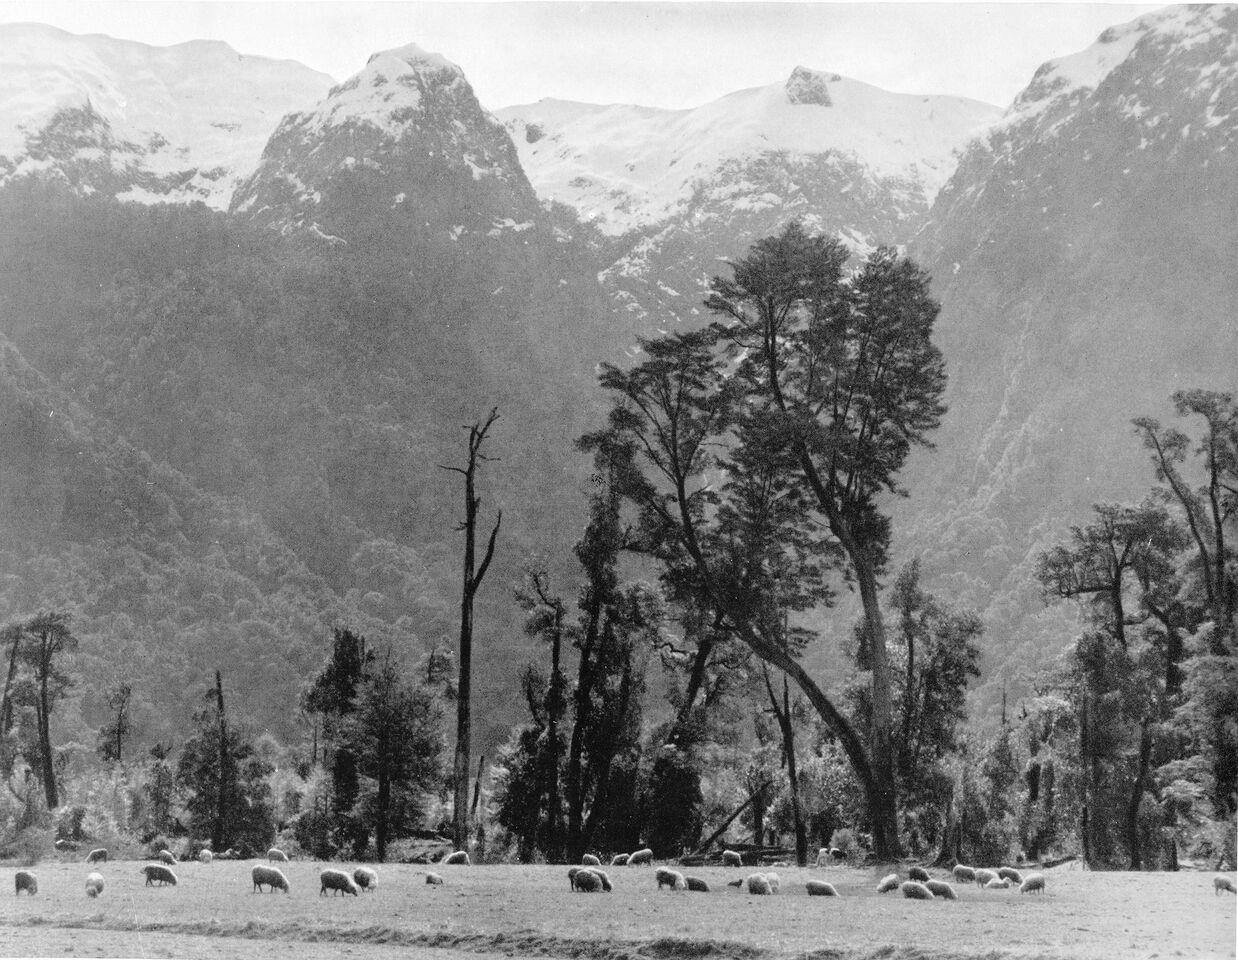 Enterreno - Fotos históricas de chile - fotos antiguas de Chile - Peulla